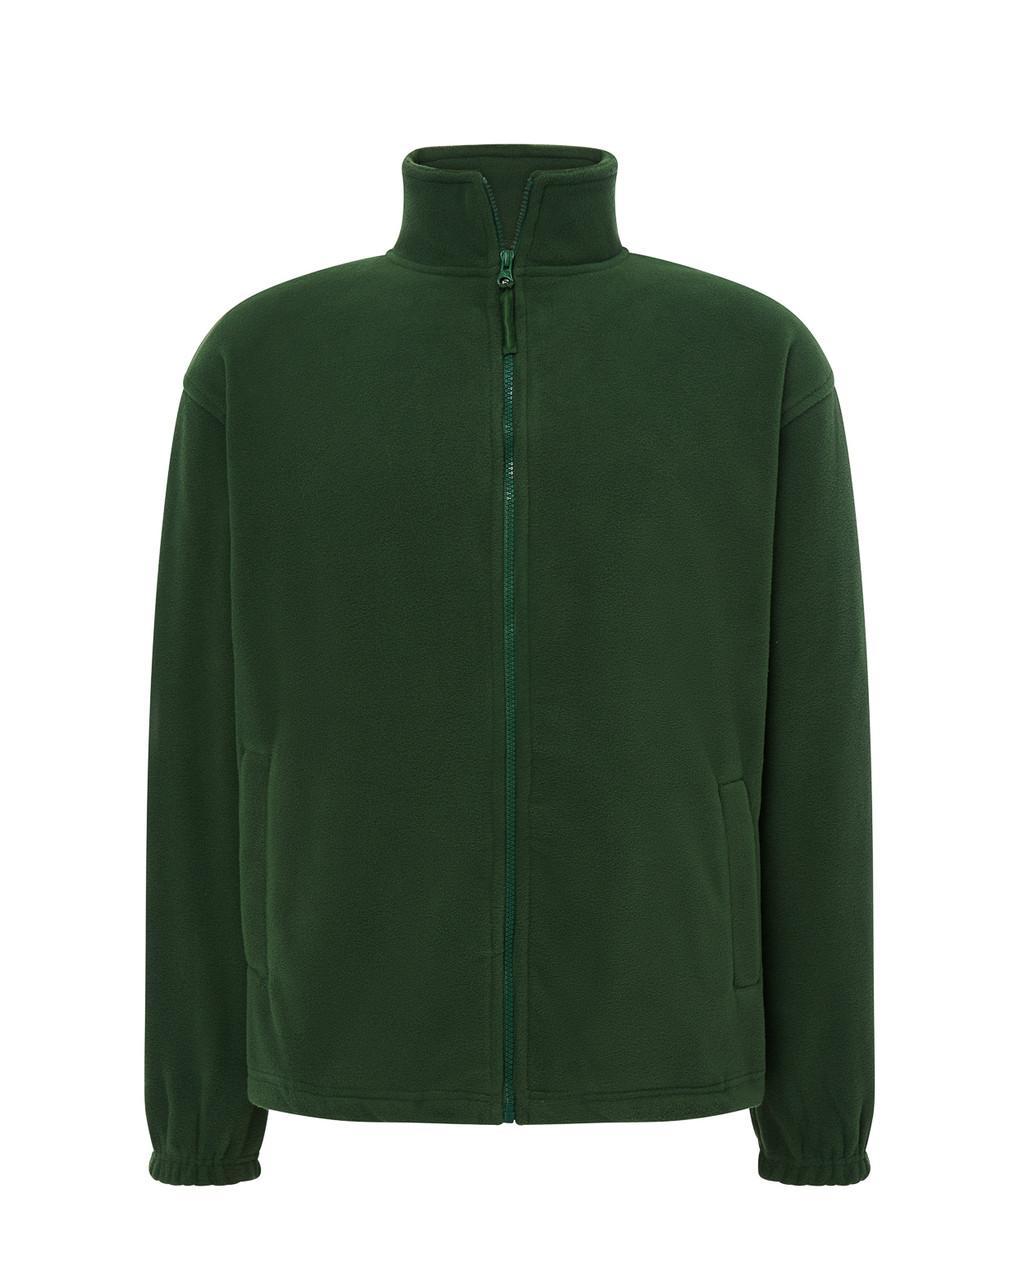 Мужская флисовая кофта JHK POLAR FLEECE MAN цвет темно-зеленый